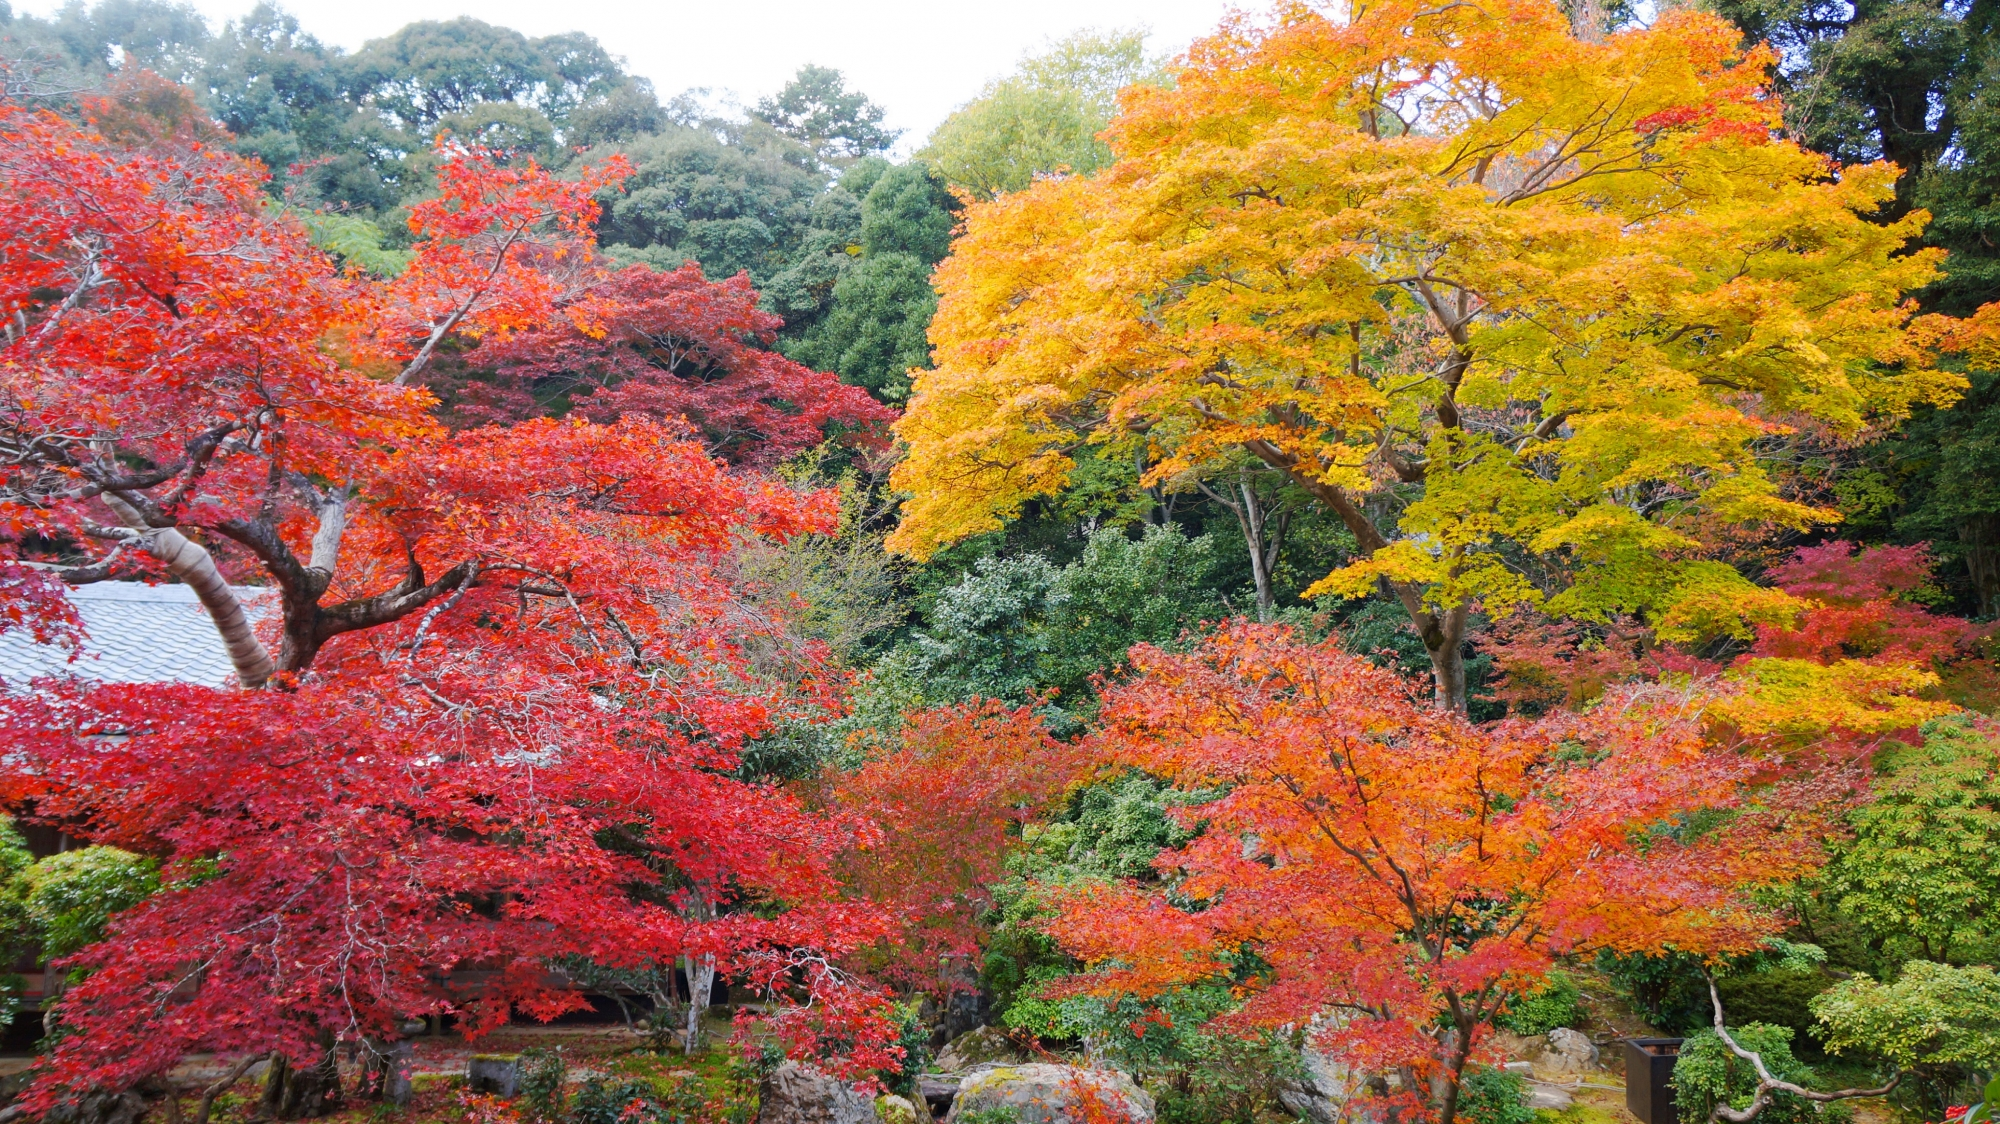 秋の庭園を染める華やかな黄色や赤色の紅葉